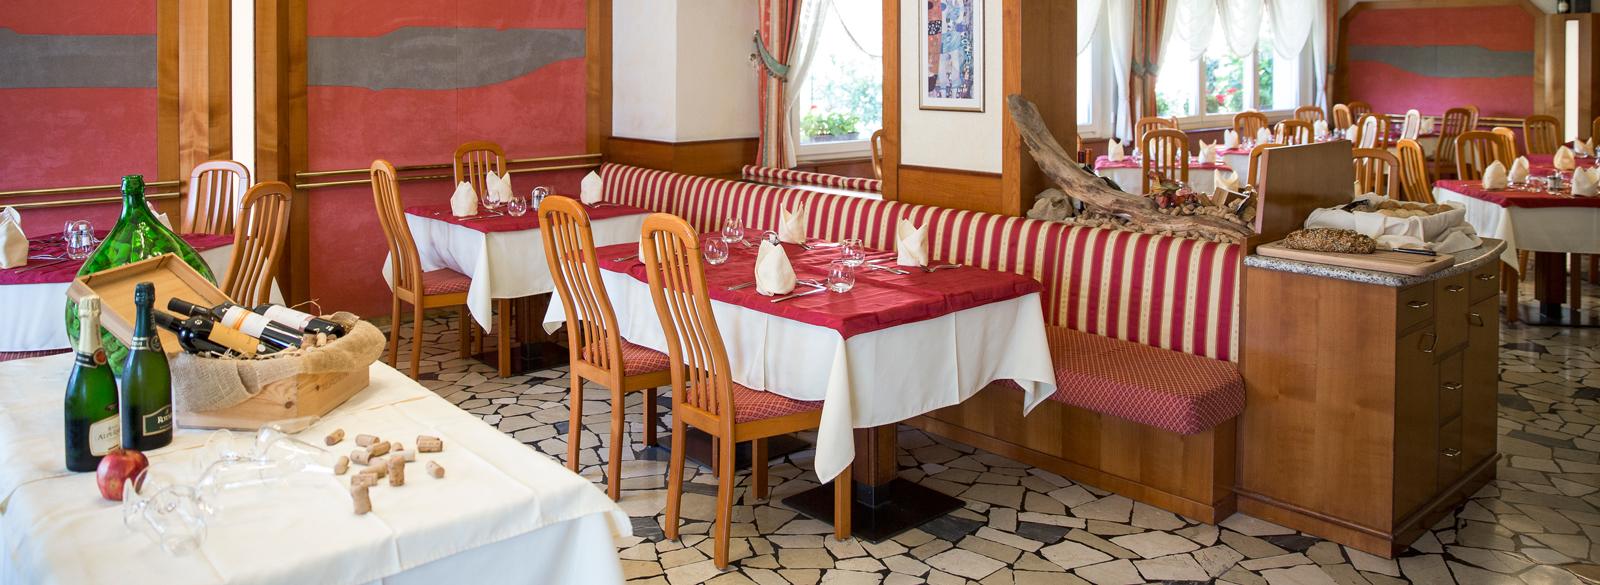 Hotel levico terme mezza pensione o pensione completa for Hotel mezza pensione bressanone